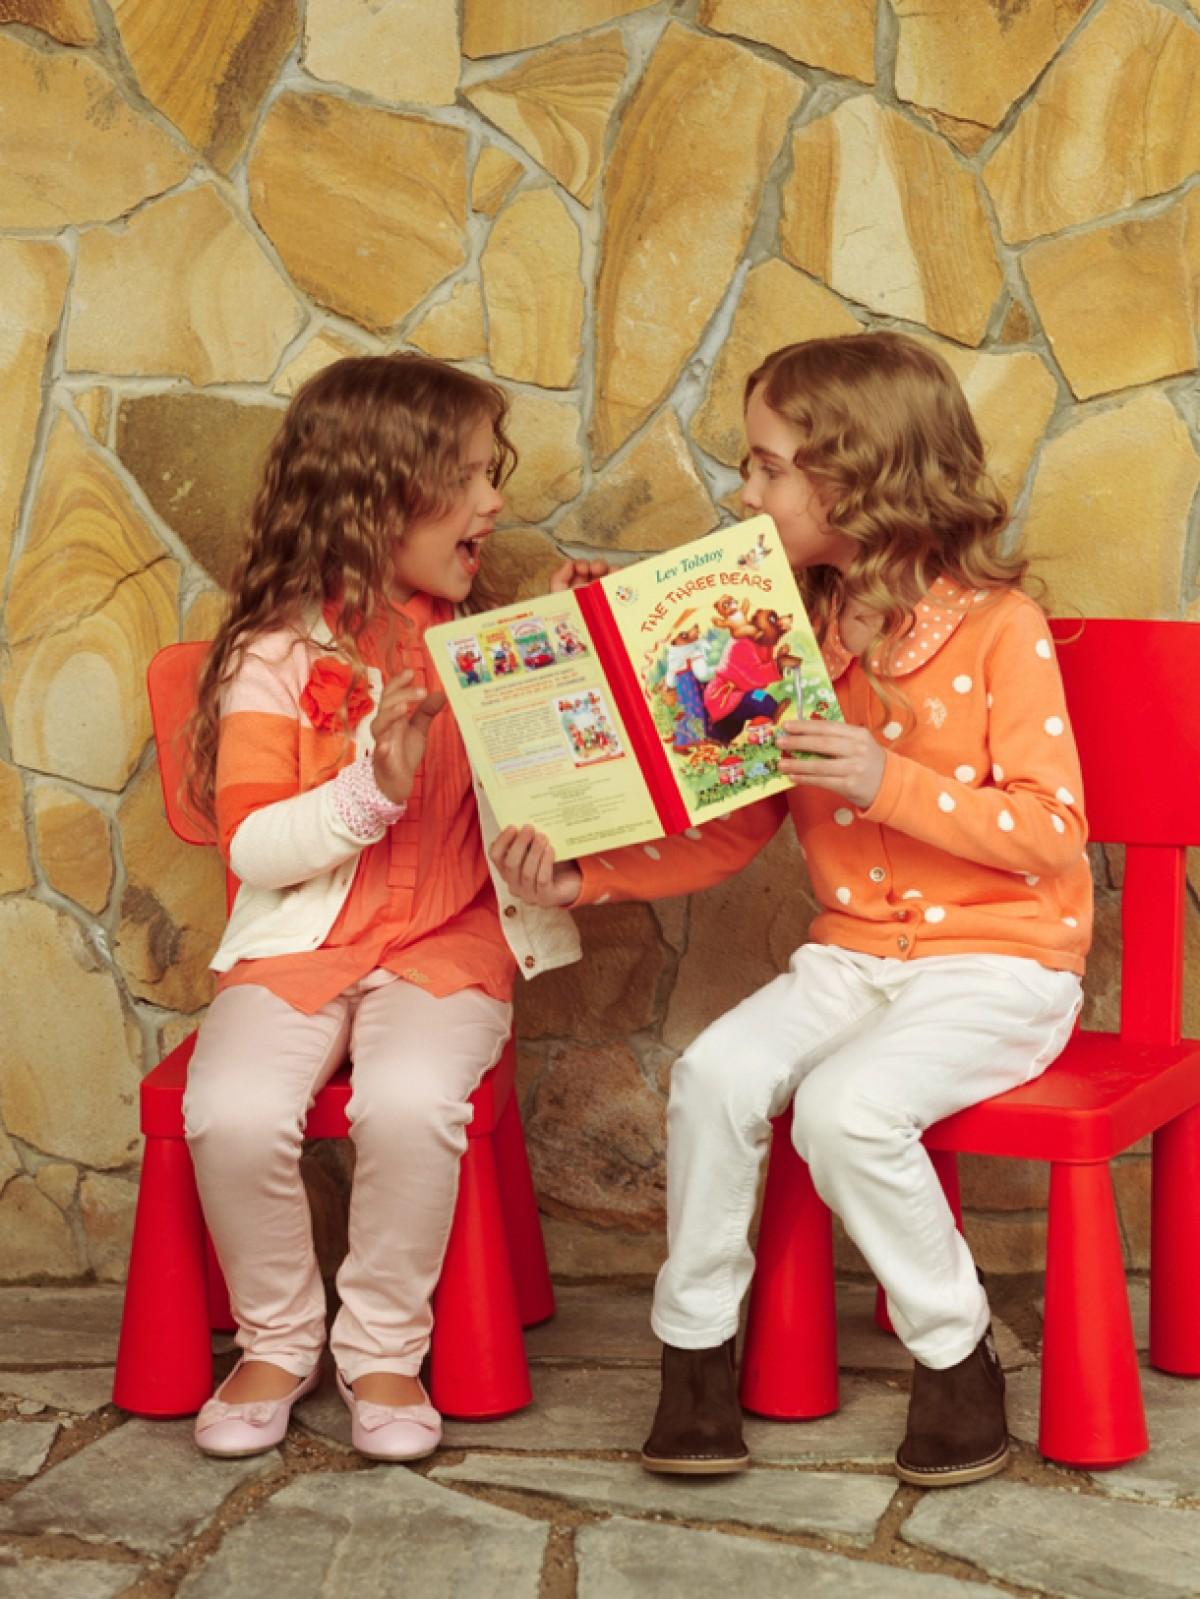 Çocuklar U.S. Polo Assn. ile Kendi Tarzlarını Konuşturuyor 47